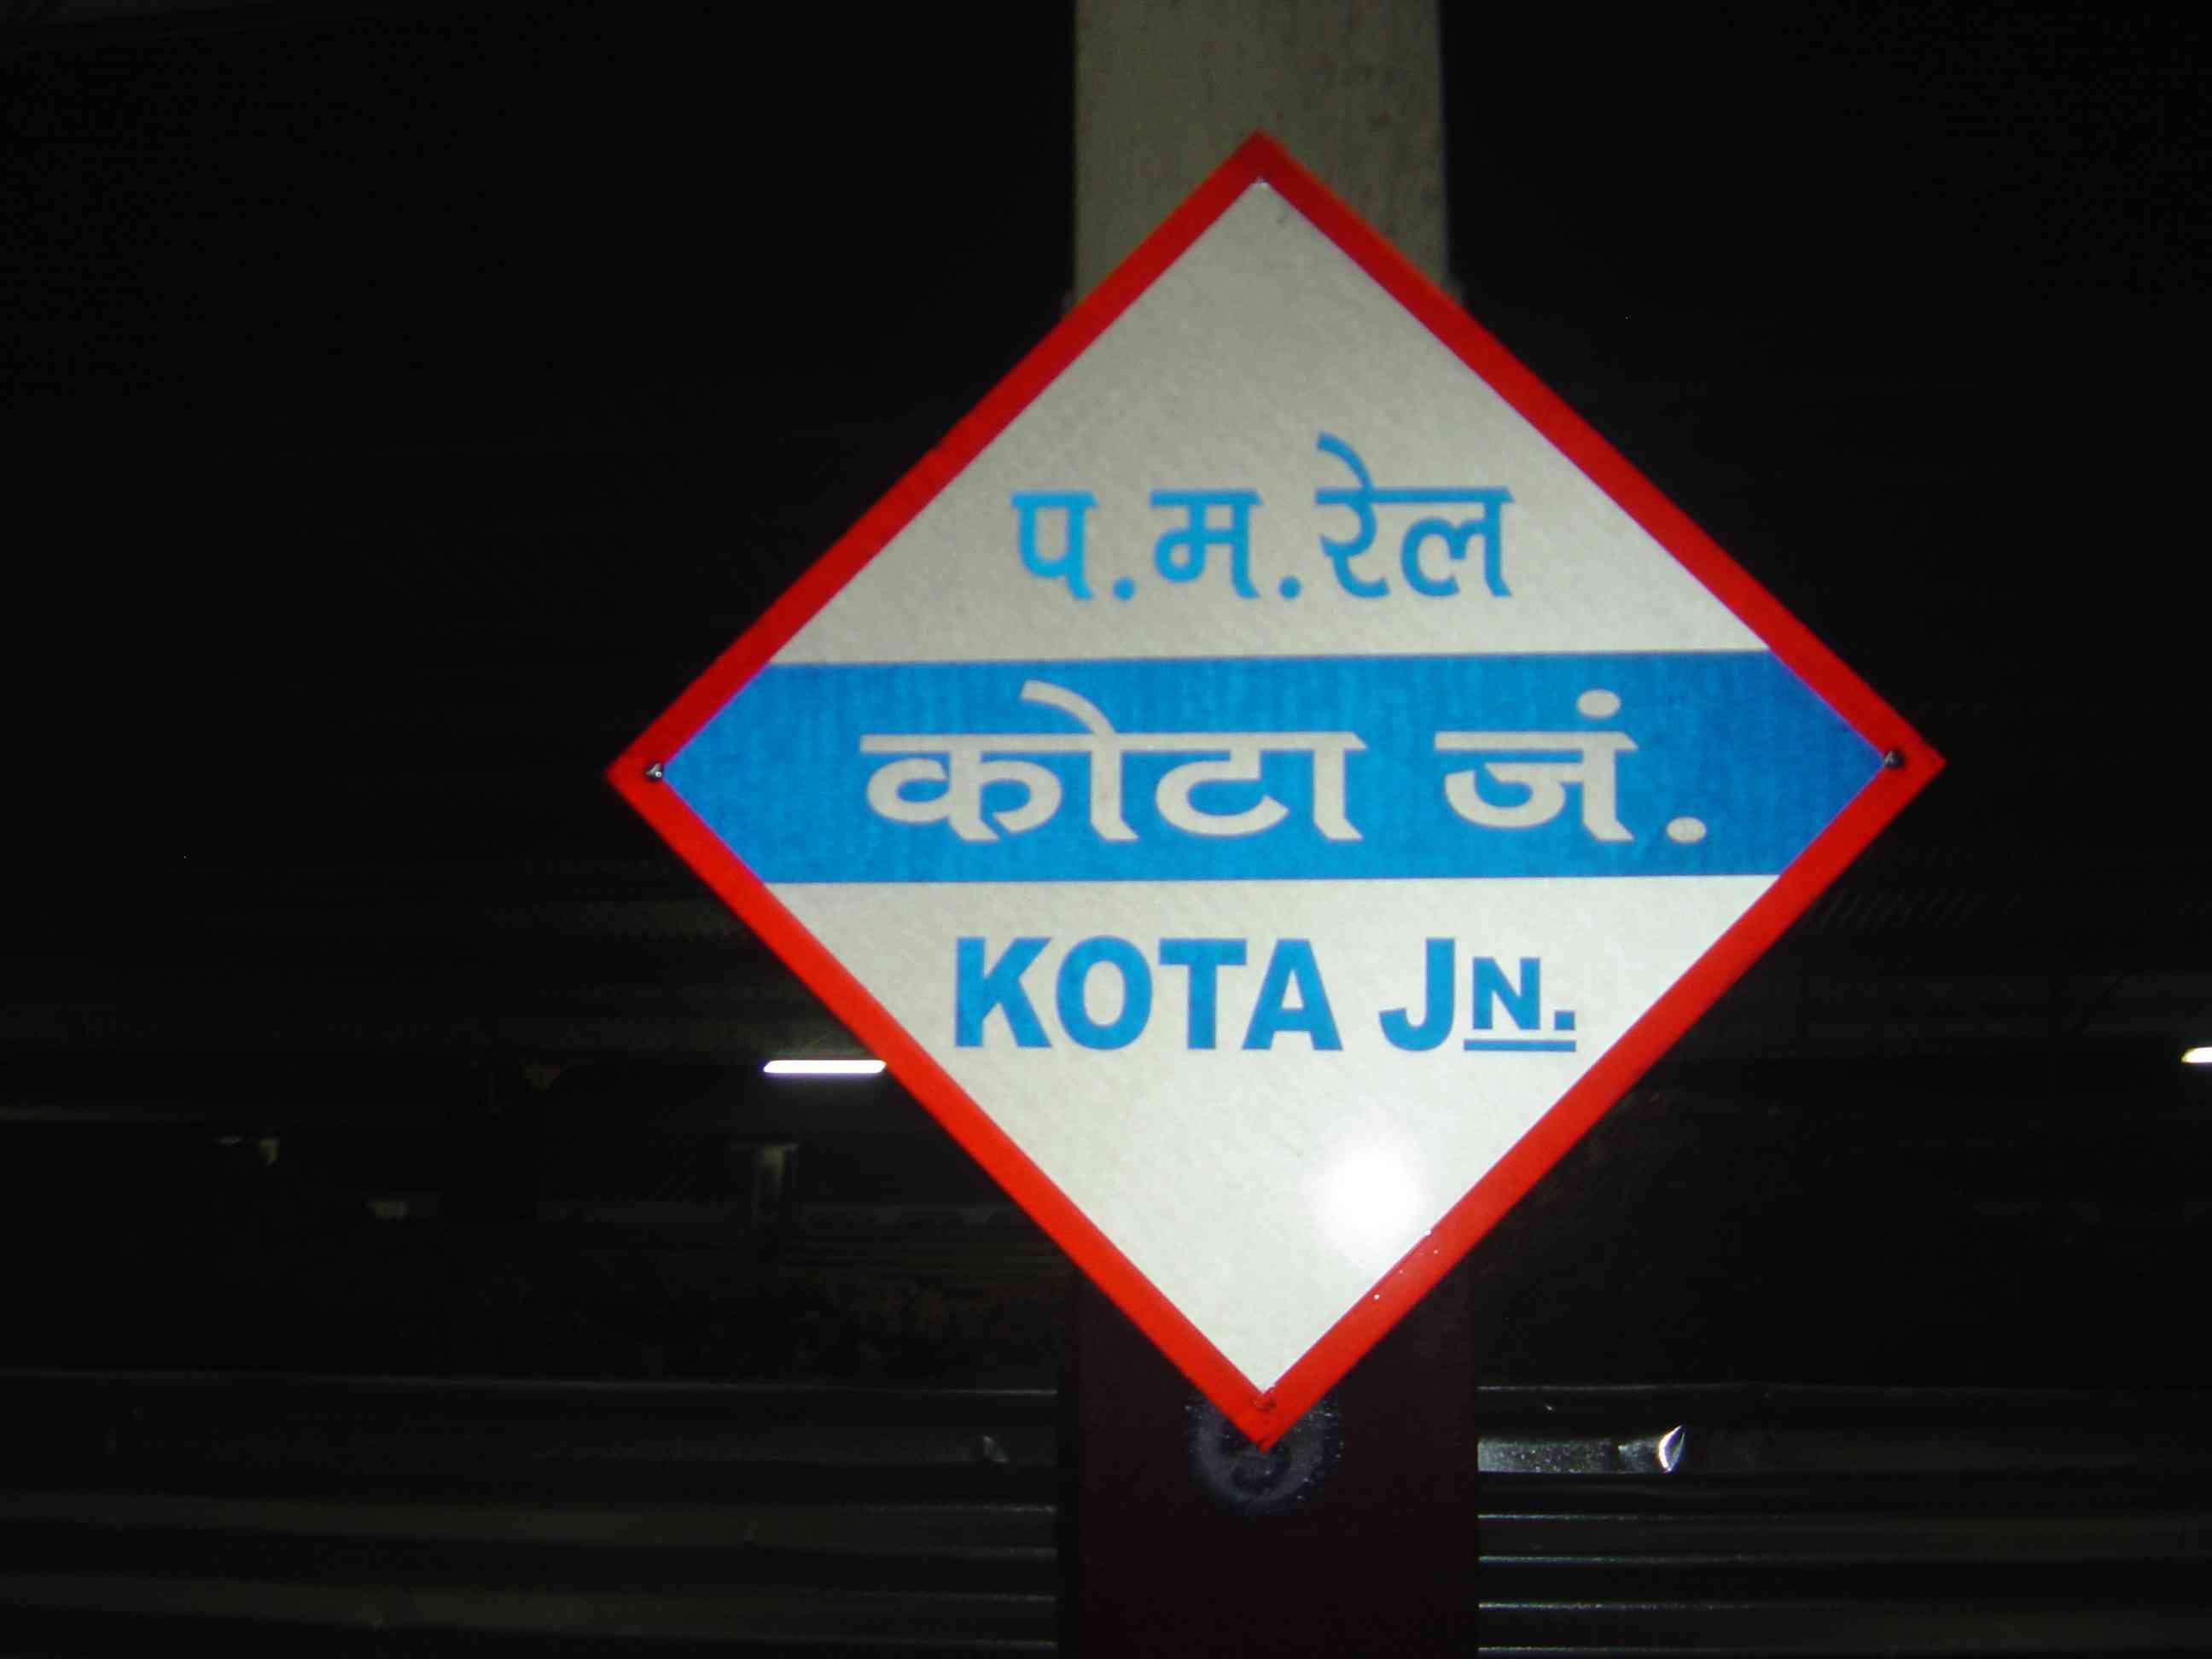 Kota Junction